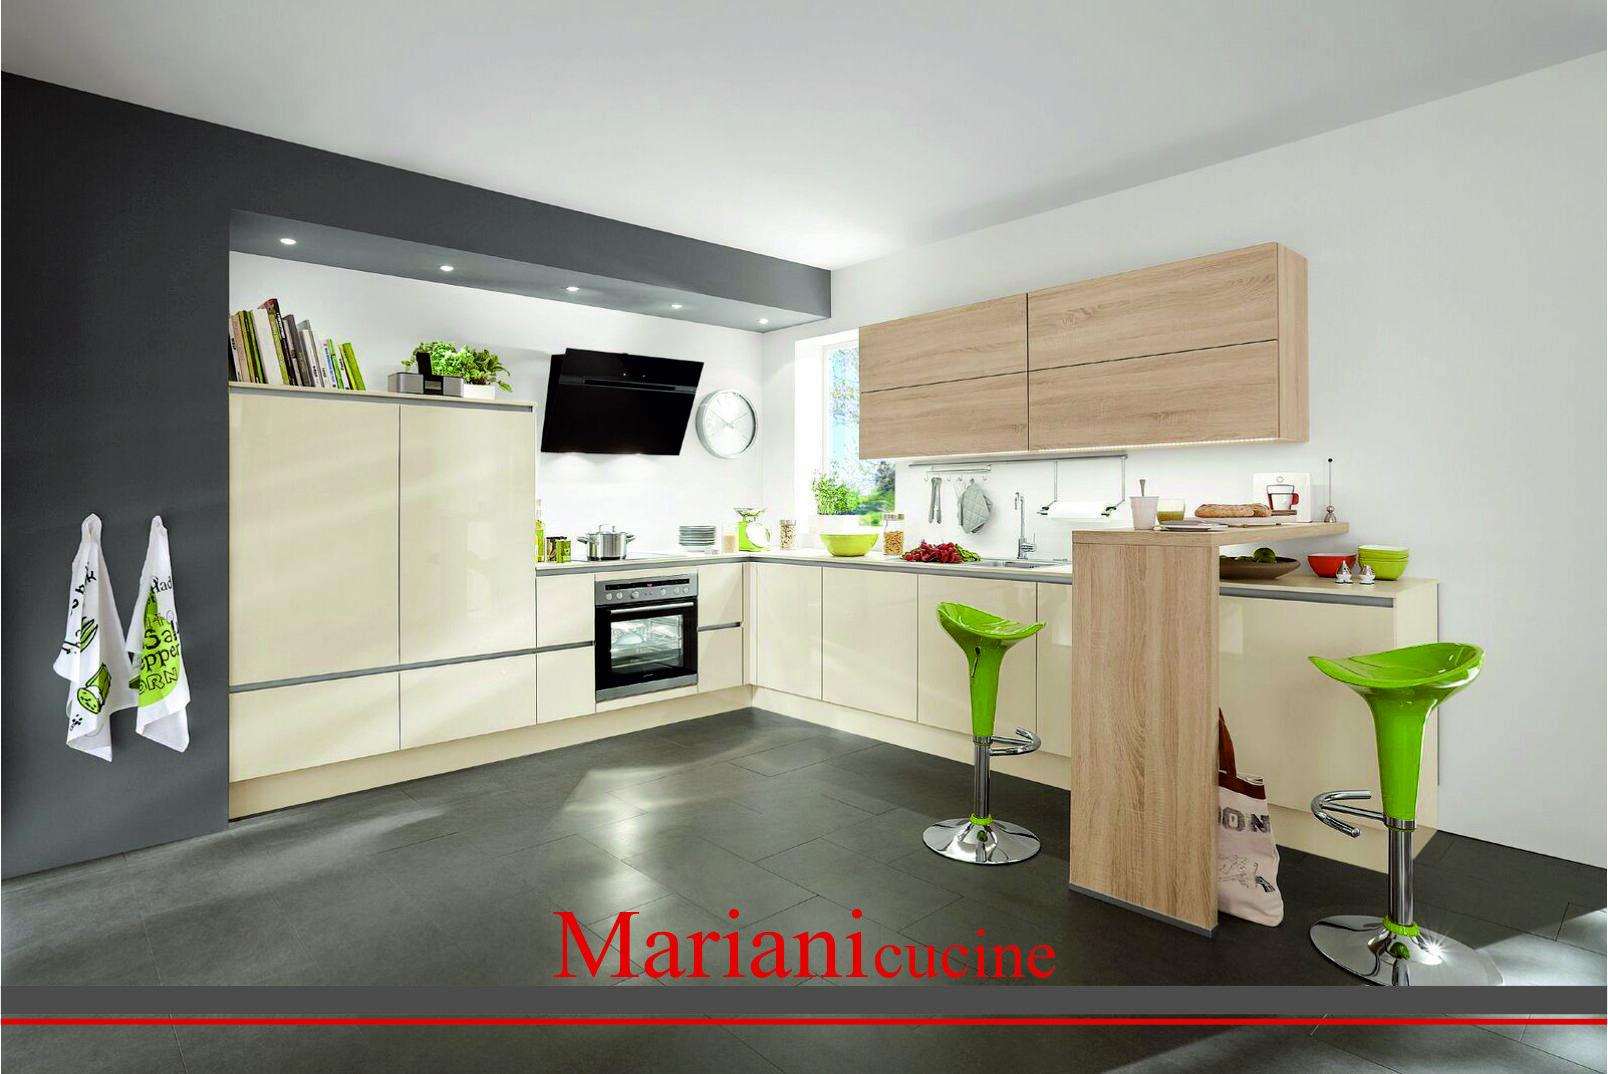 Ringhult kk best line n handleless nobilia kitchens images on